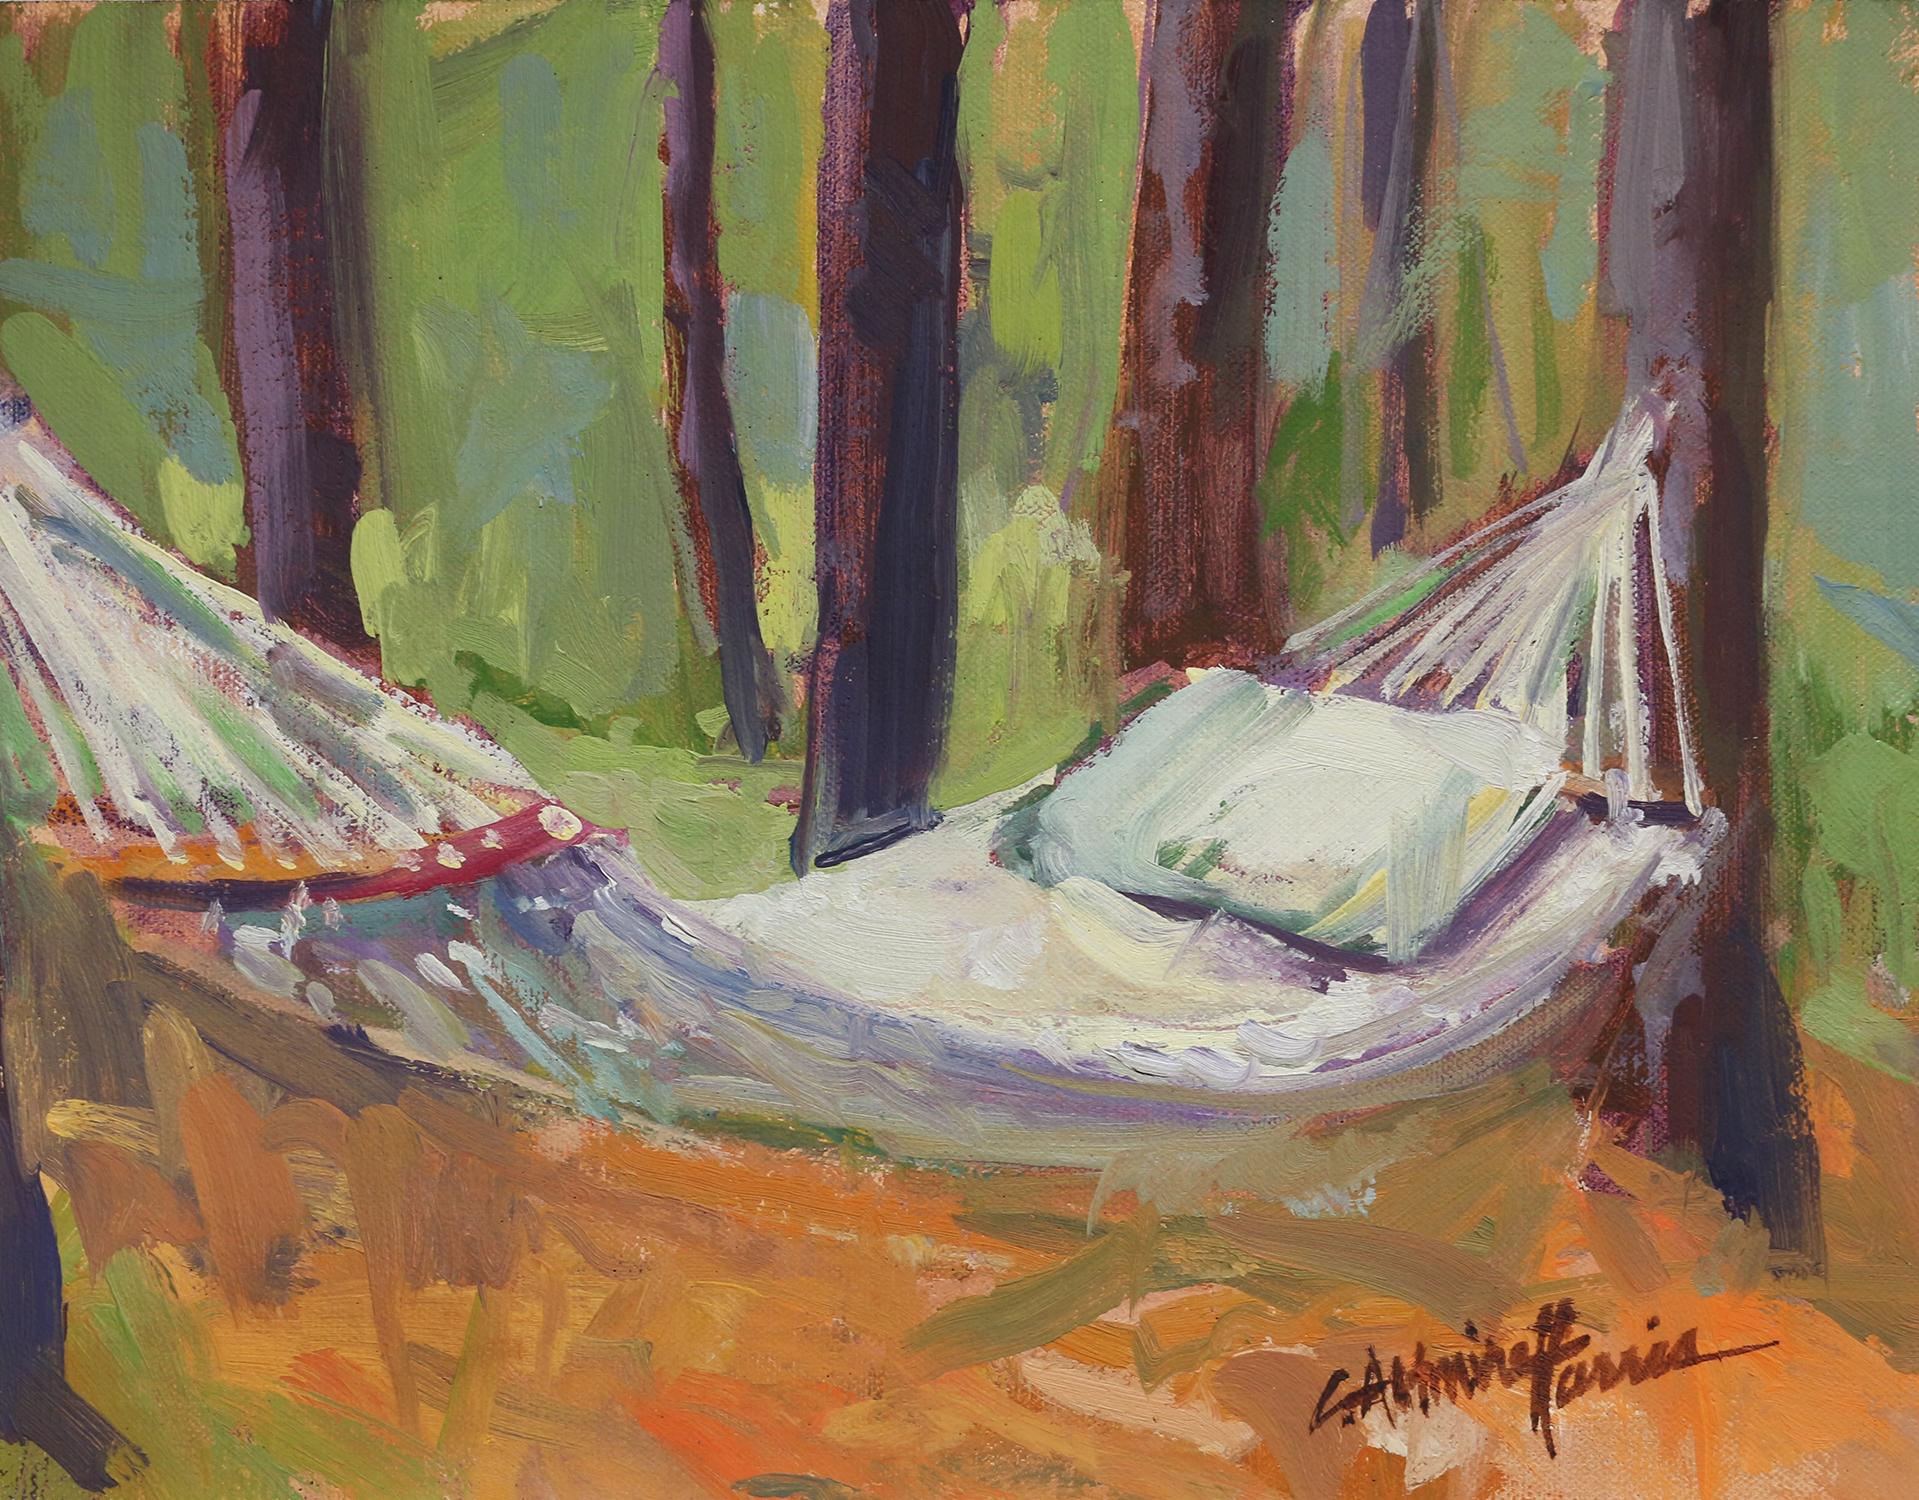 Swinging in the Hammock*